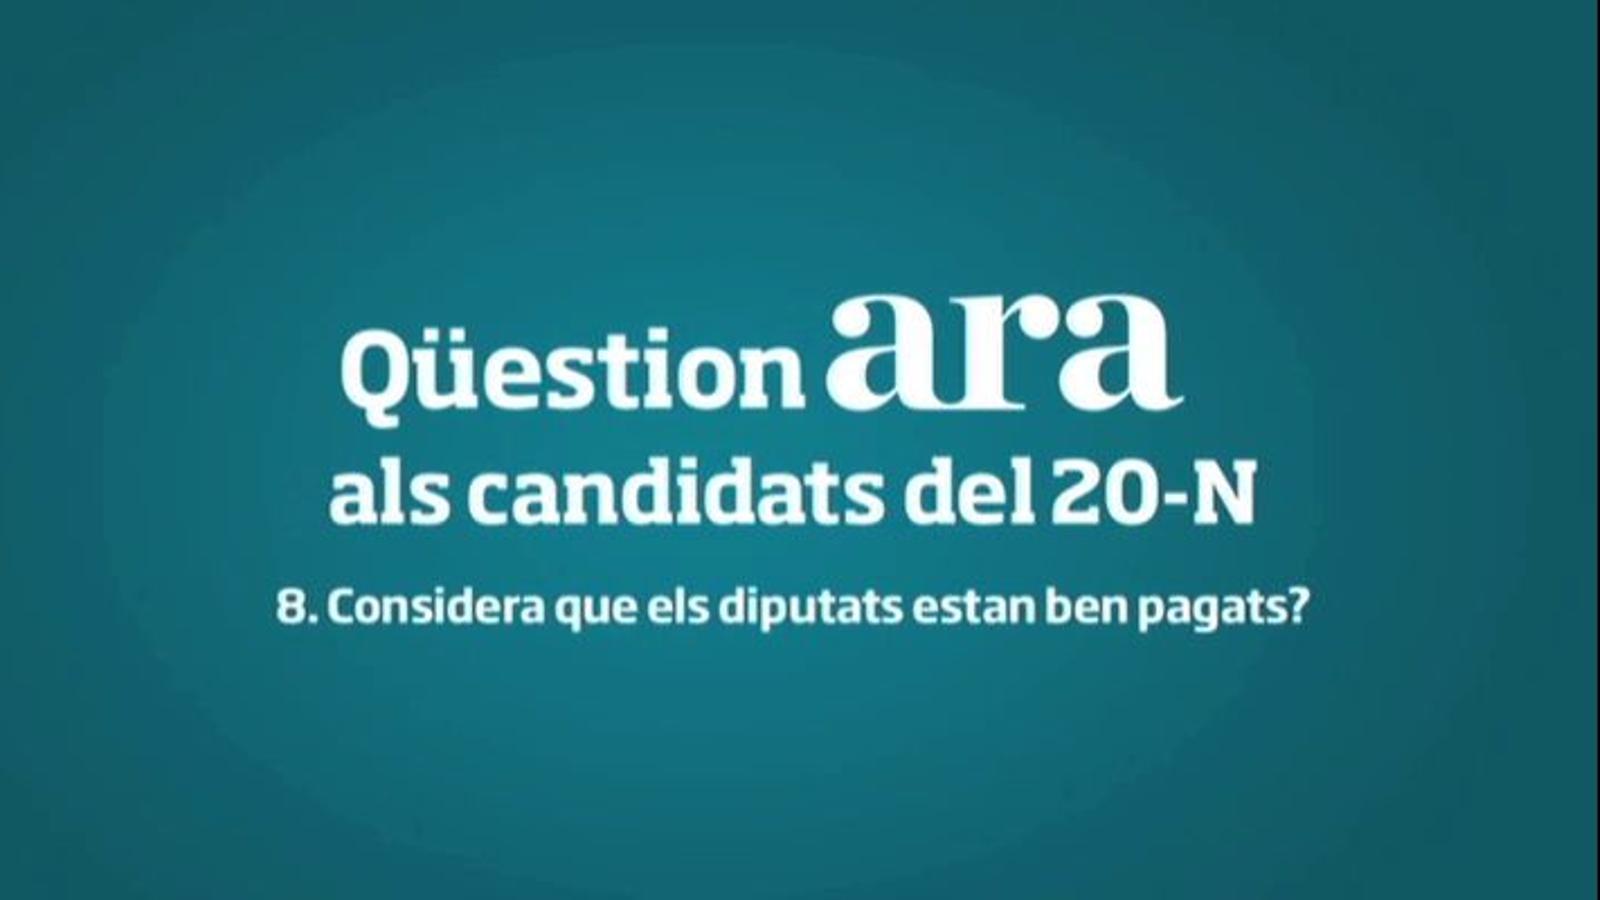 Els candidats al 20-N creuen que els diputats estan ben pagats?